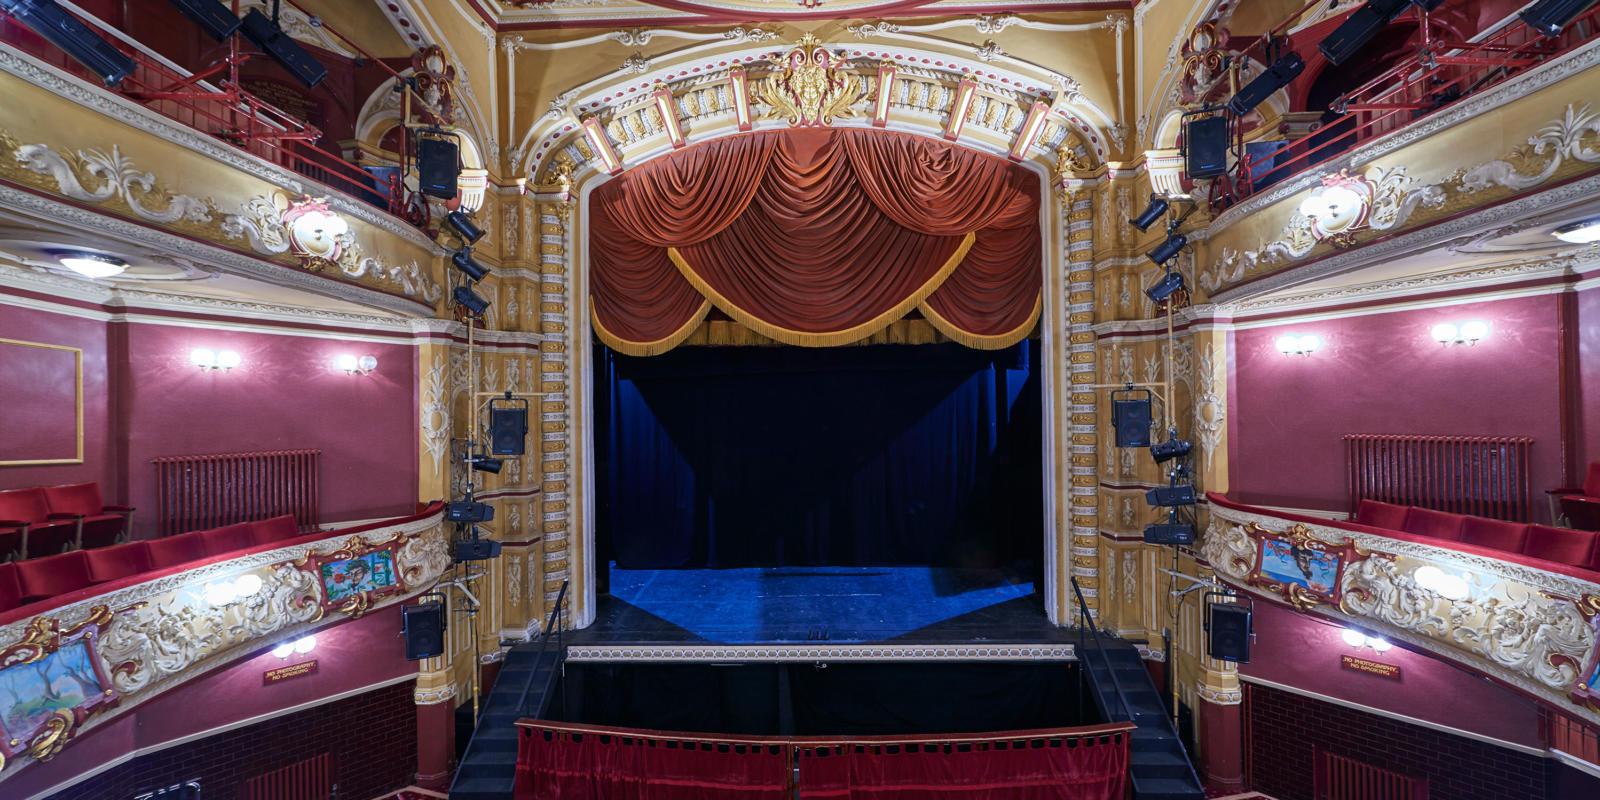 Theatre Royal Wakefield auditorium (c) Paul White